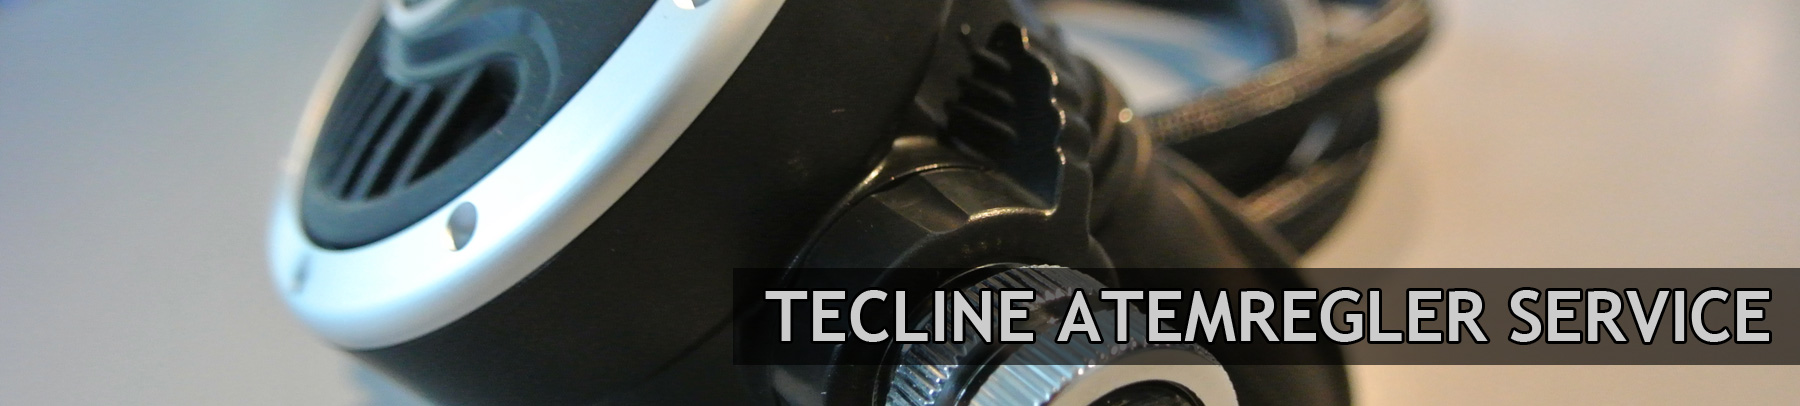 Tecline-Atemregler-Service-Banner-Detailseite57c0943fd7dea